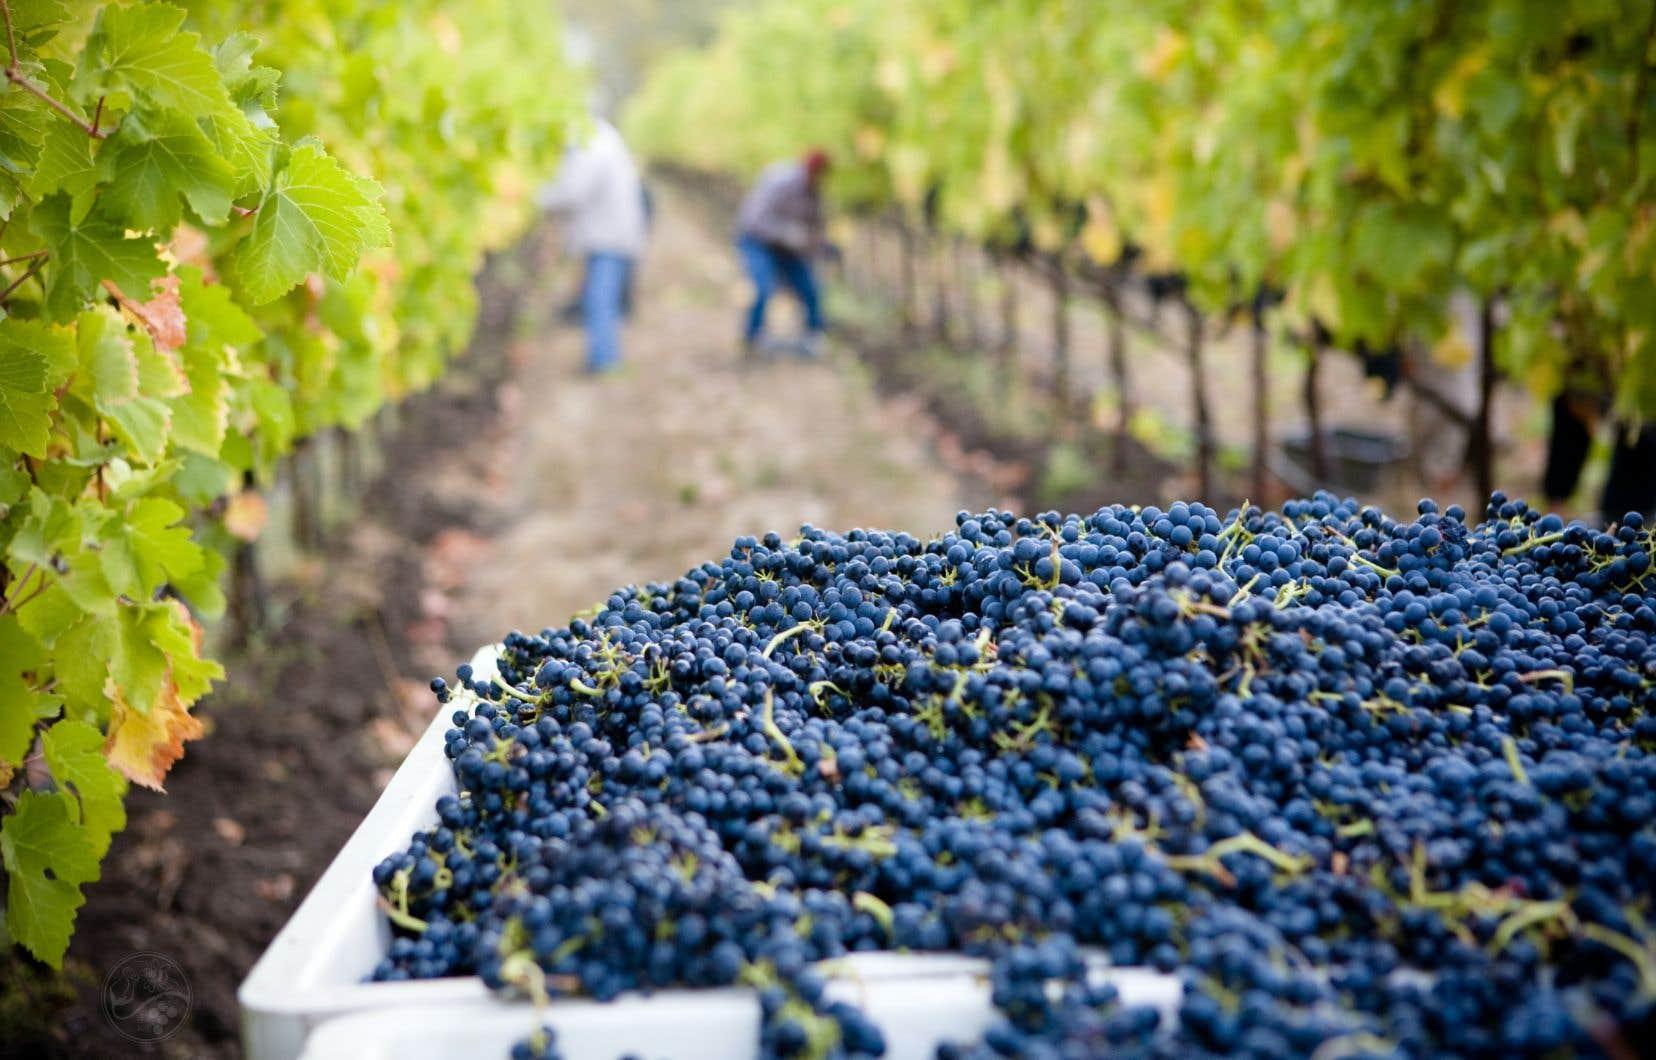 «Pour [réussir un vin], il faut qu'au moment des vendanges, le raisin ait atteint le bon équilibre entre l'acidité et les sucres, ce qui peut être compliqué au Québec», explique l'œnologue Julia Torchut.